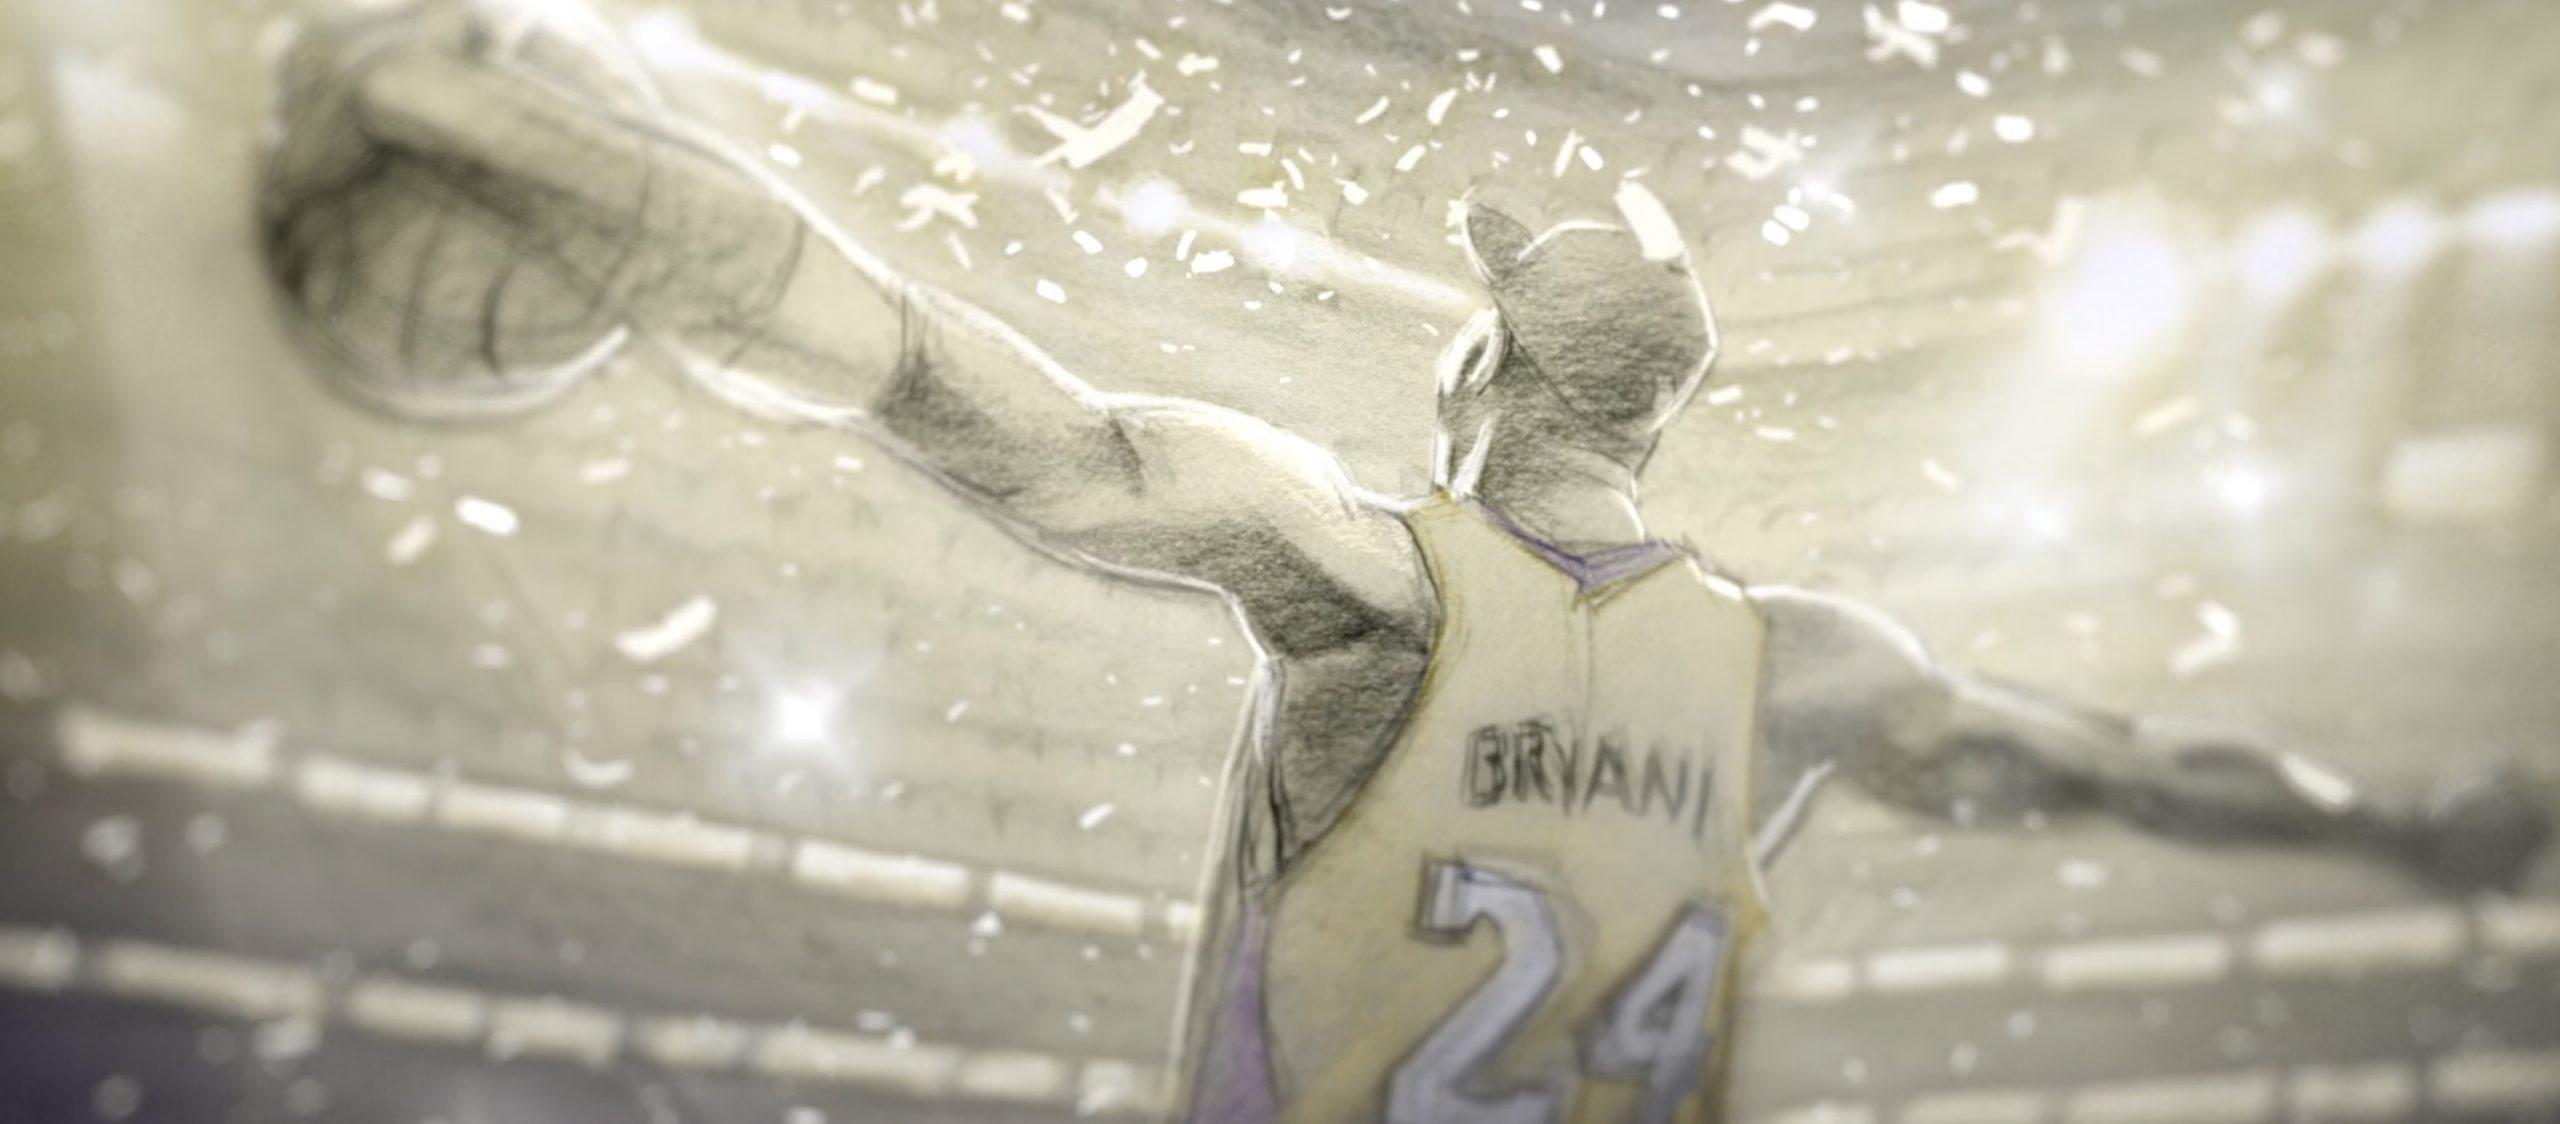 ผลงานที่สะท้อนความคิดสร้างสรรค์ของ Kobe Bryant